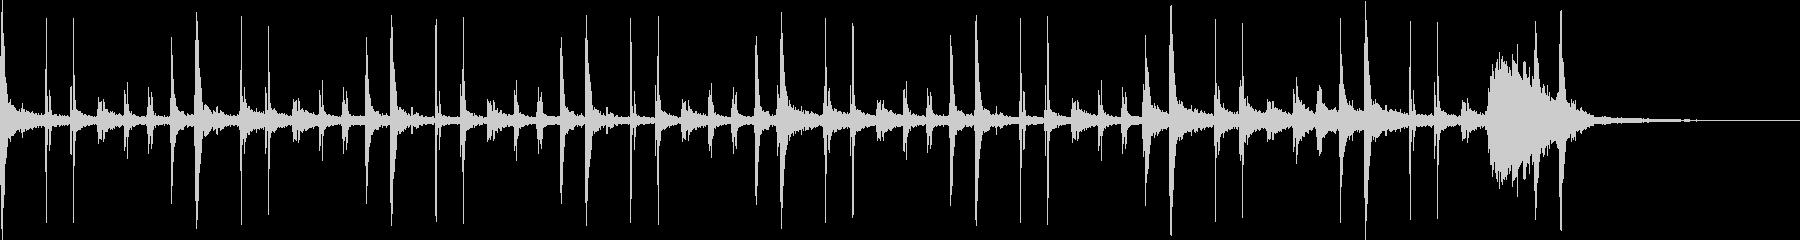 ラテンシンバルパーカッショングルーブの未再生の波形